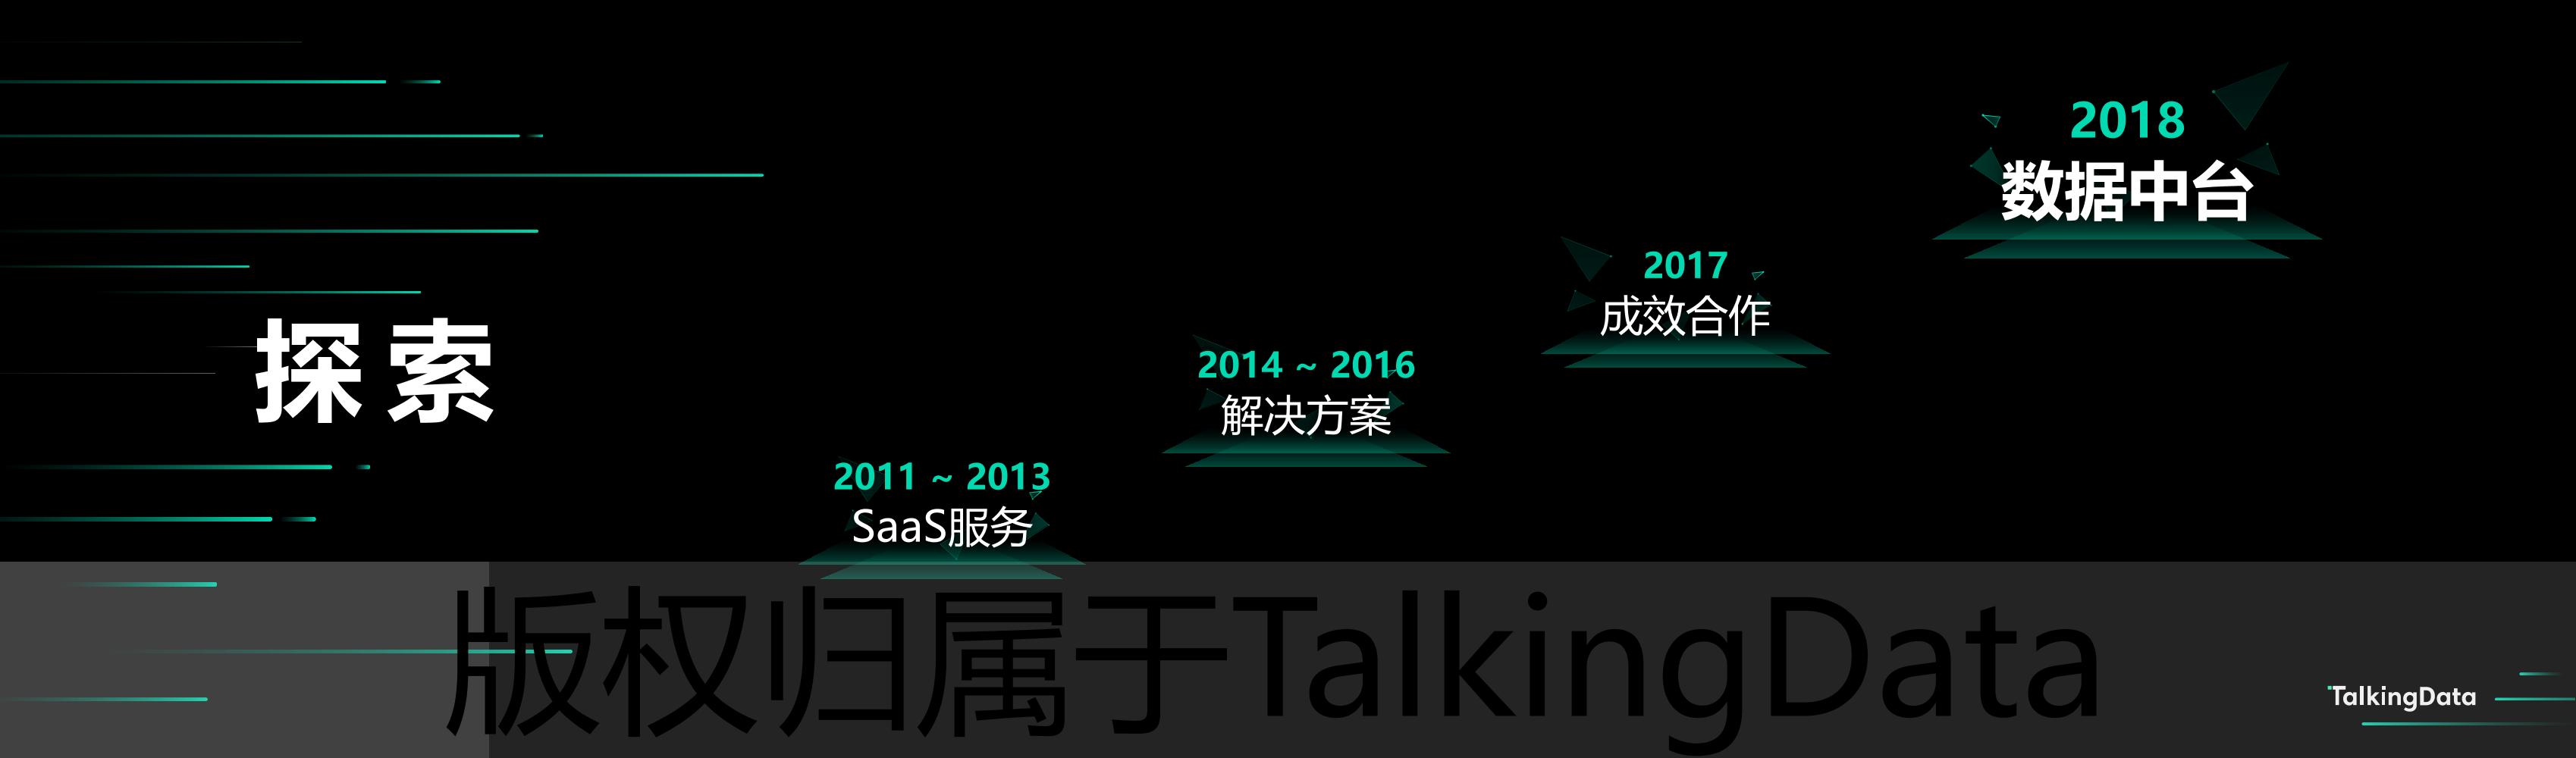 2018T11主会场演讲突破_1536836760016-4